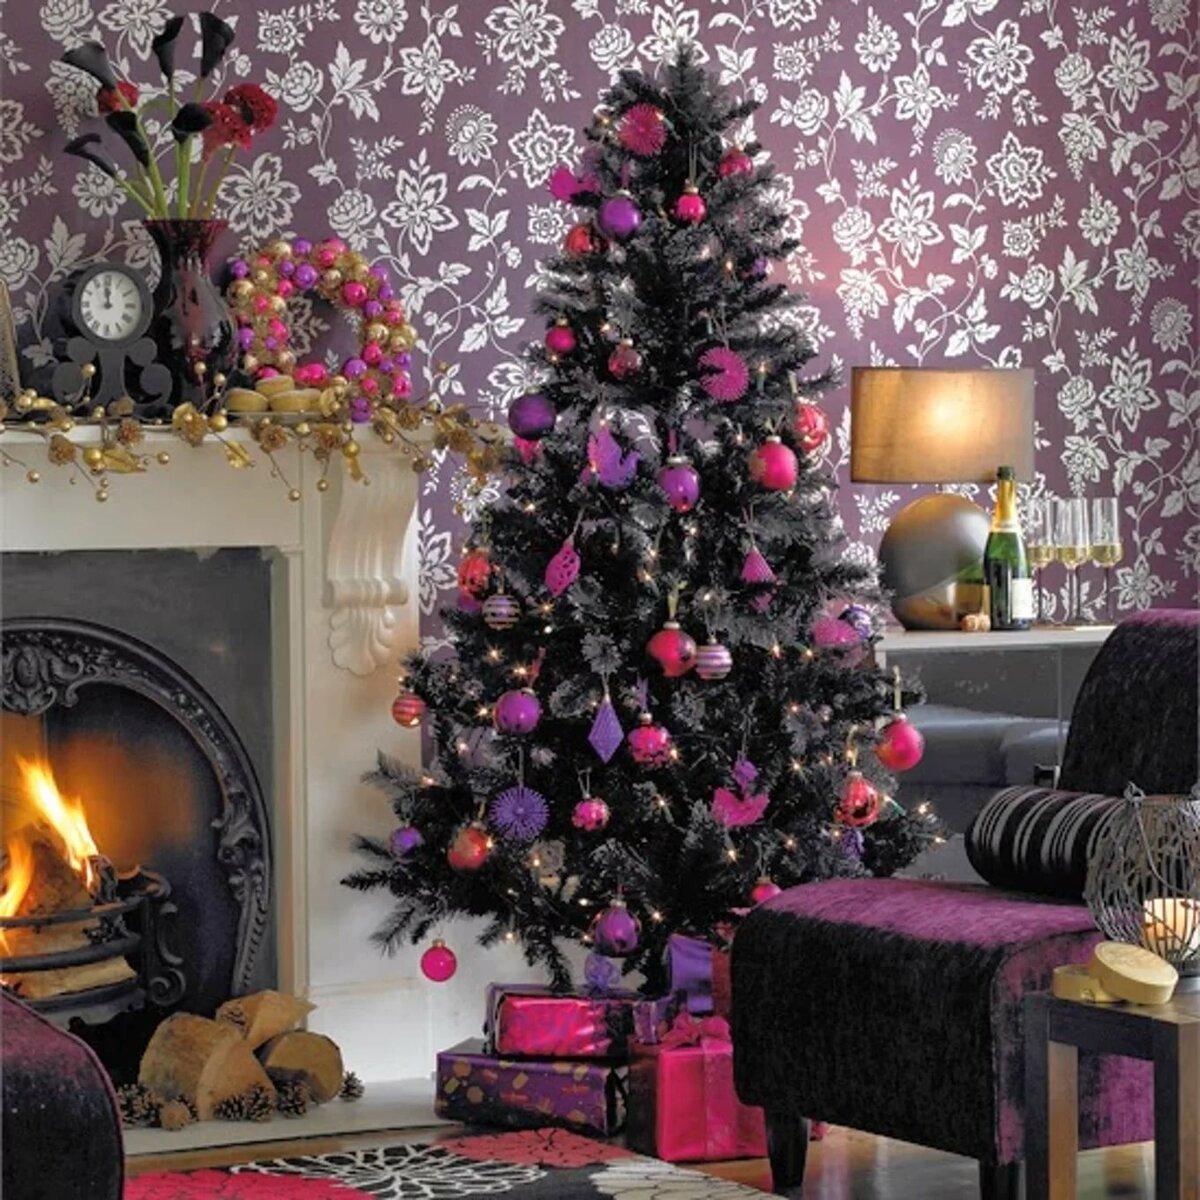 Смешного, картинки елок на новый год украшенные в фиолетовом цвете